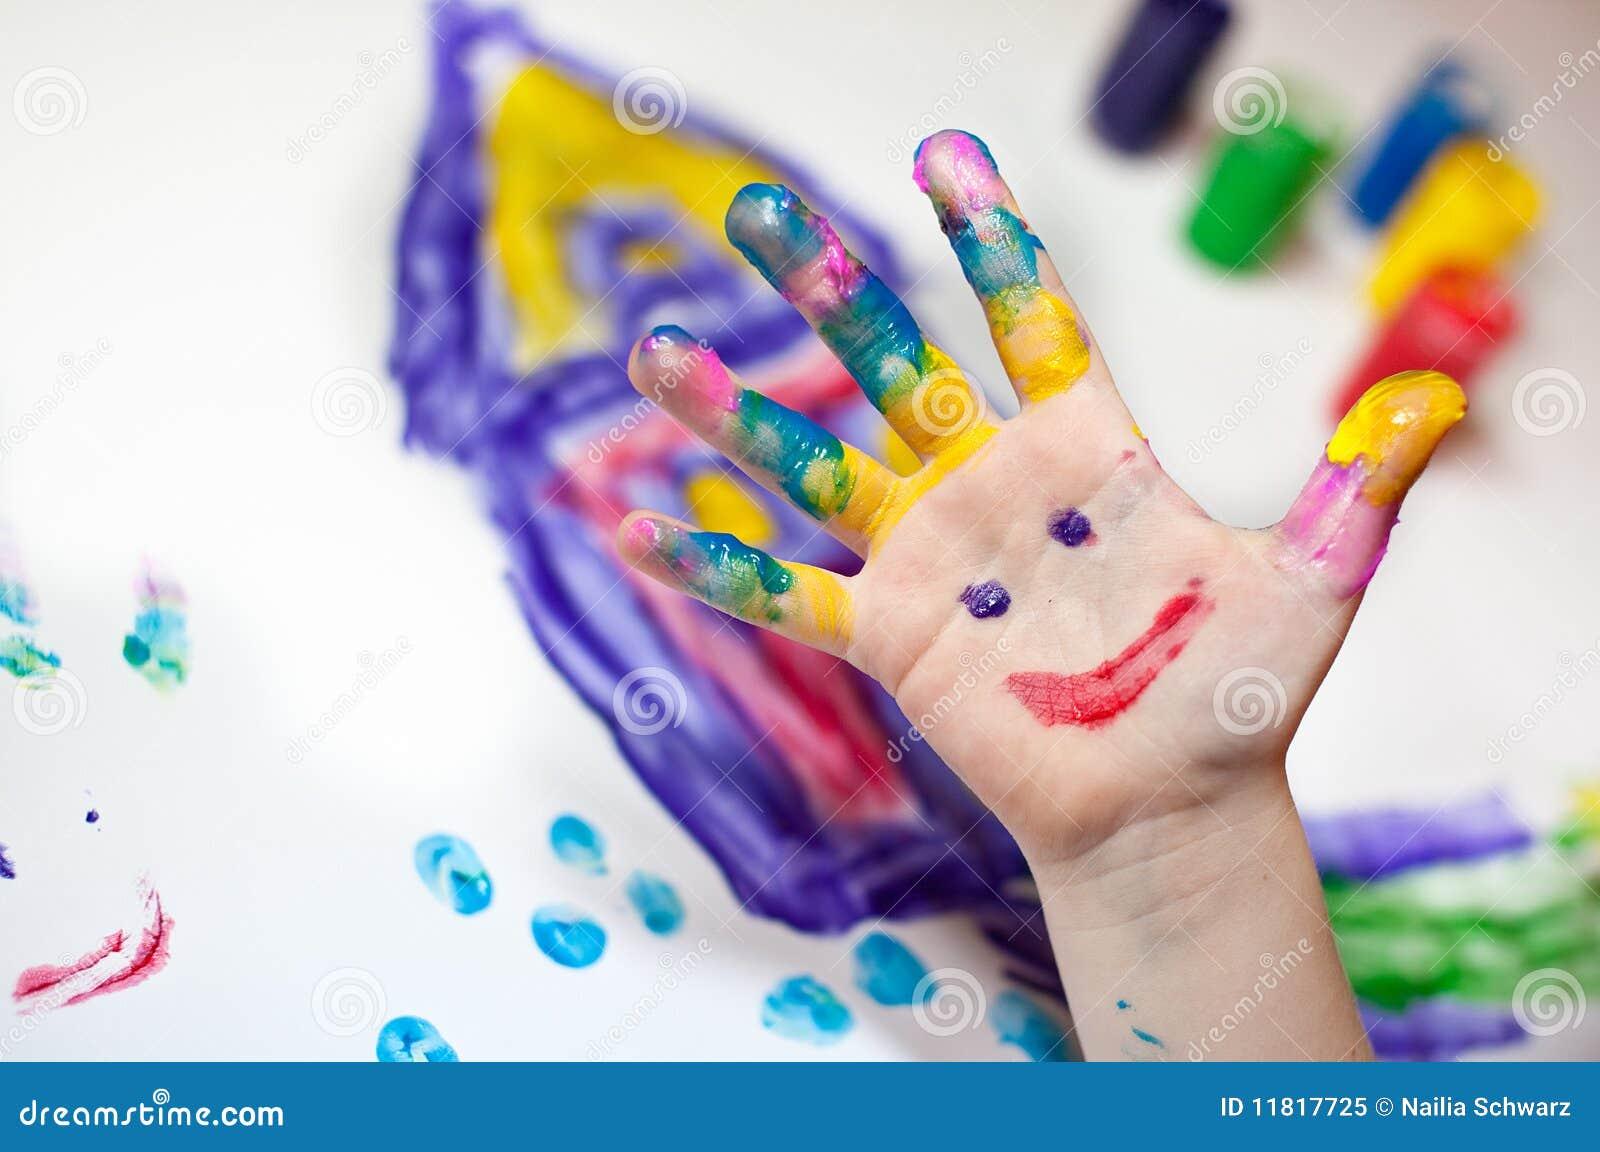 Children Hands doing Fingerpainting